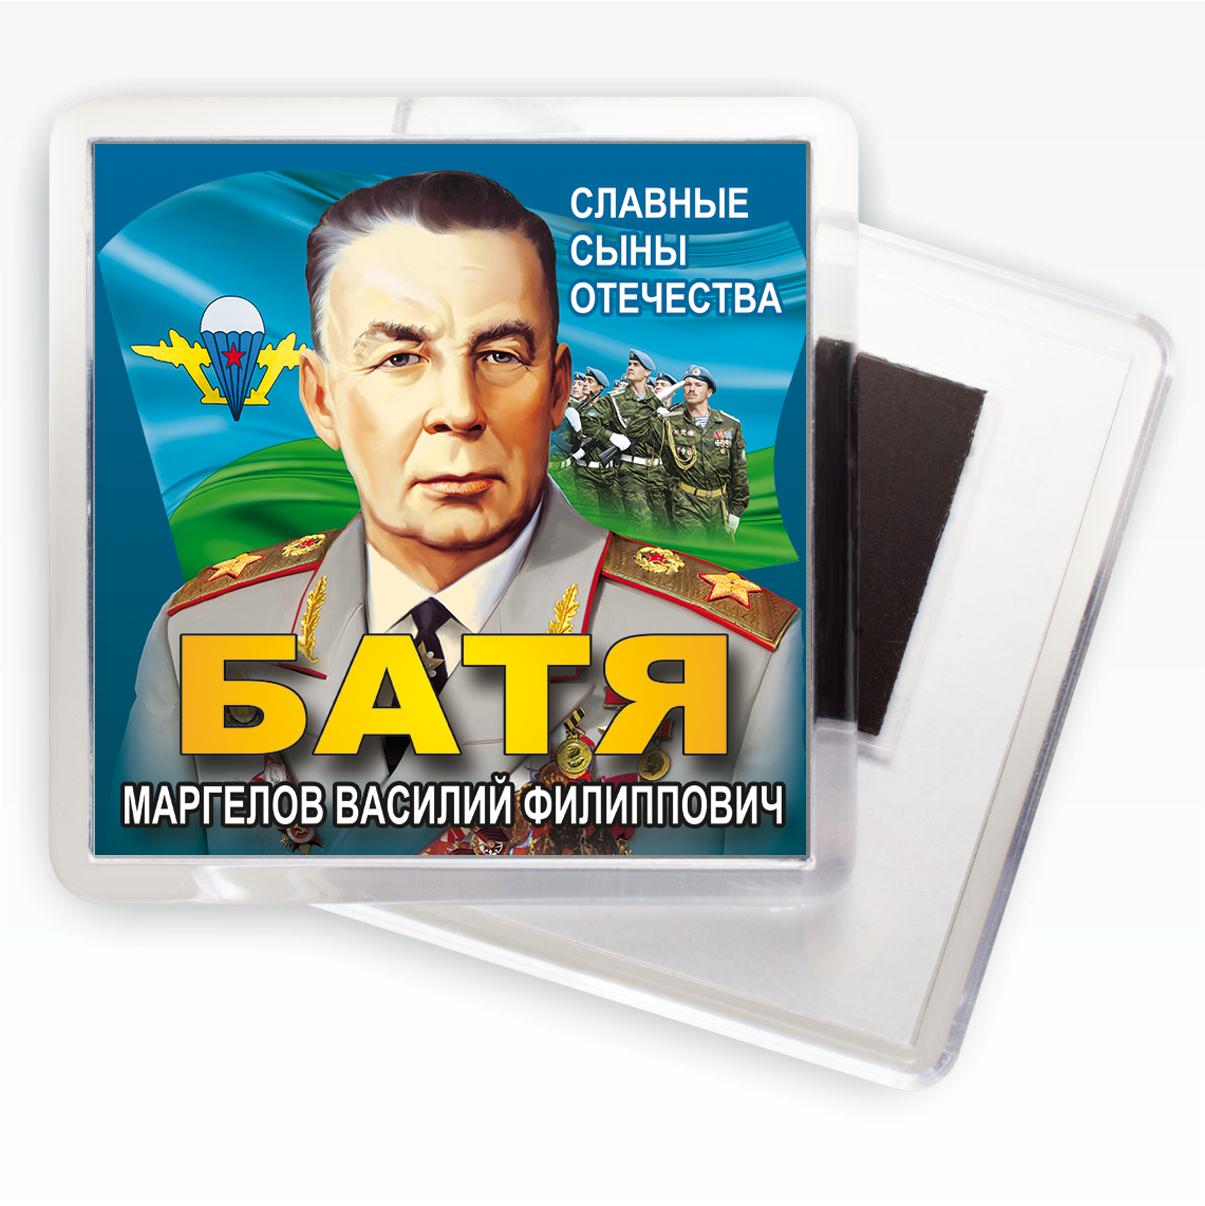 Магнит Батя ВДВ